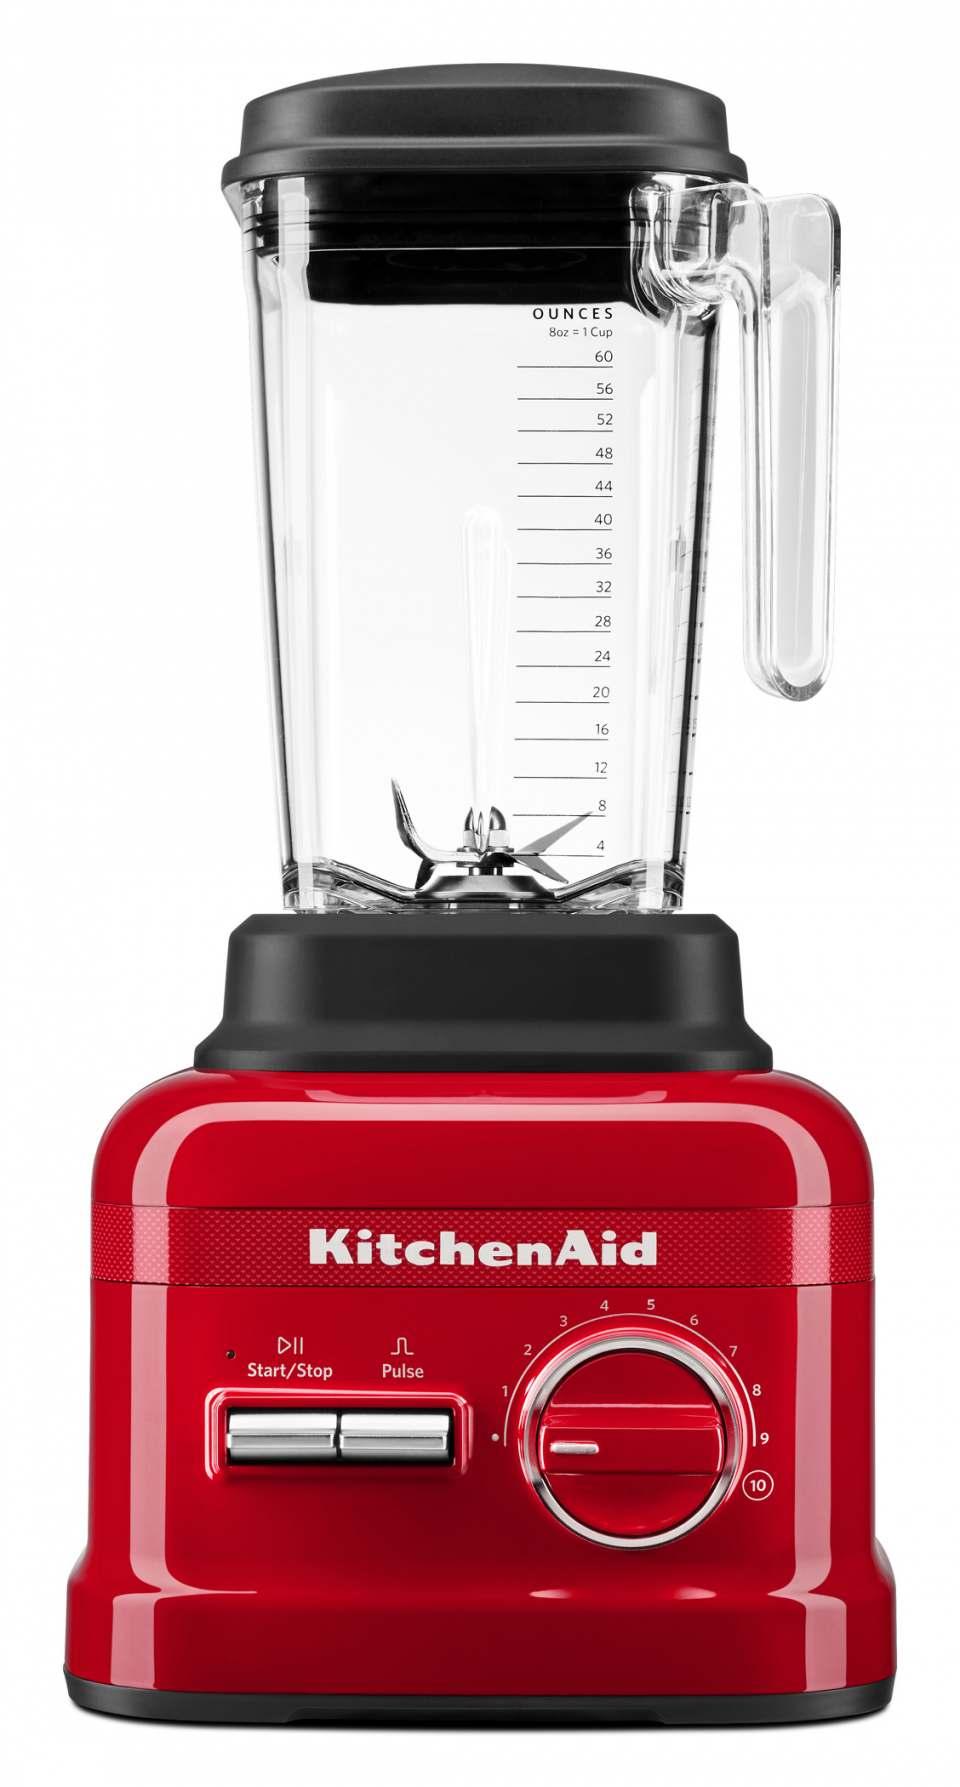 KitchenAid Standmixer Queen of Hearts in limitierter Auflage.